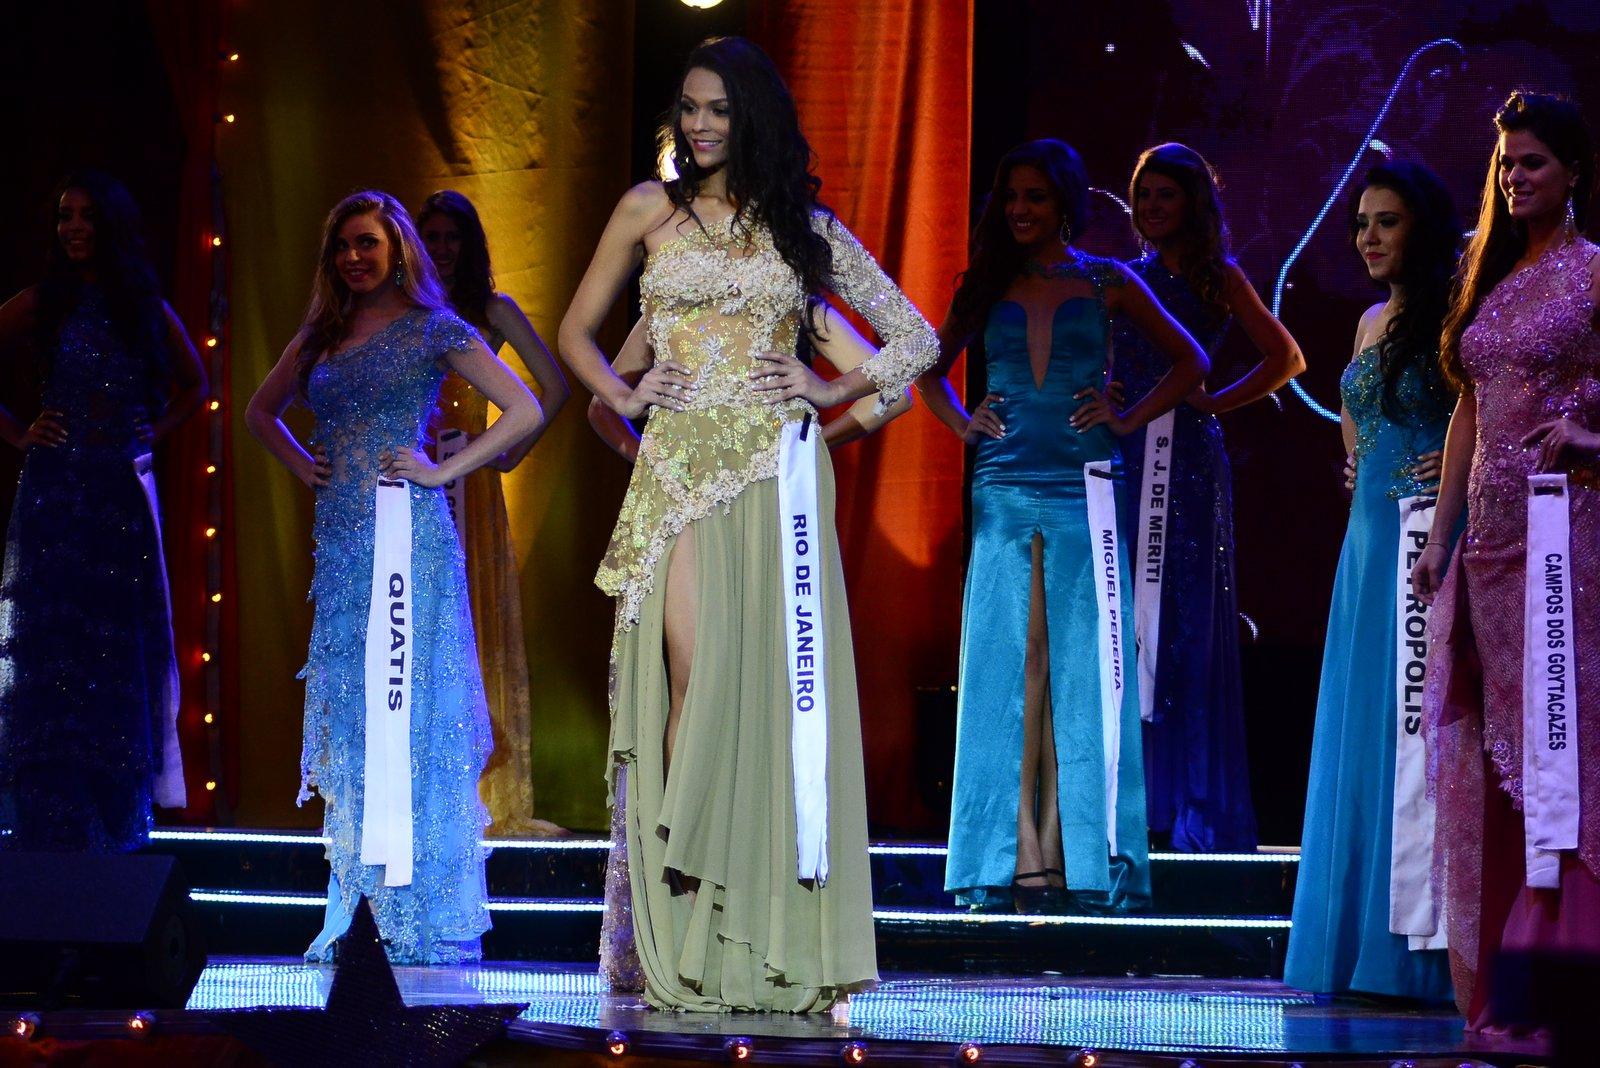 Hosana Elliot desfilando com traje de gala no Miss Universo RJ 2014